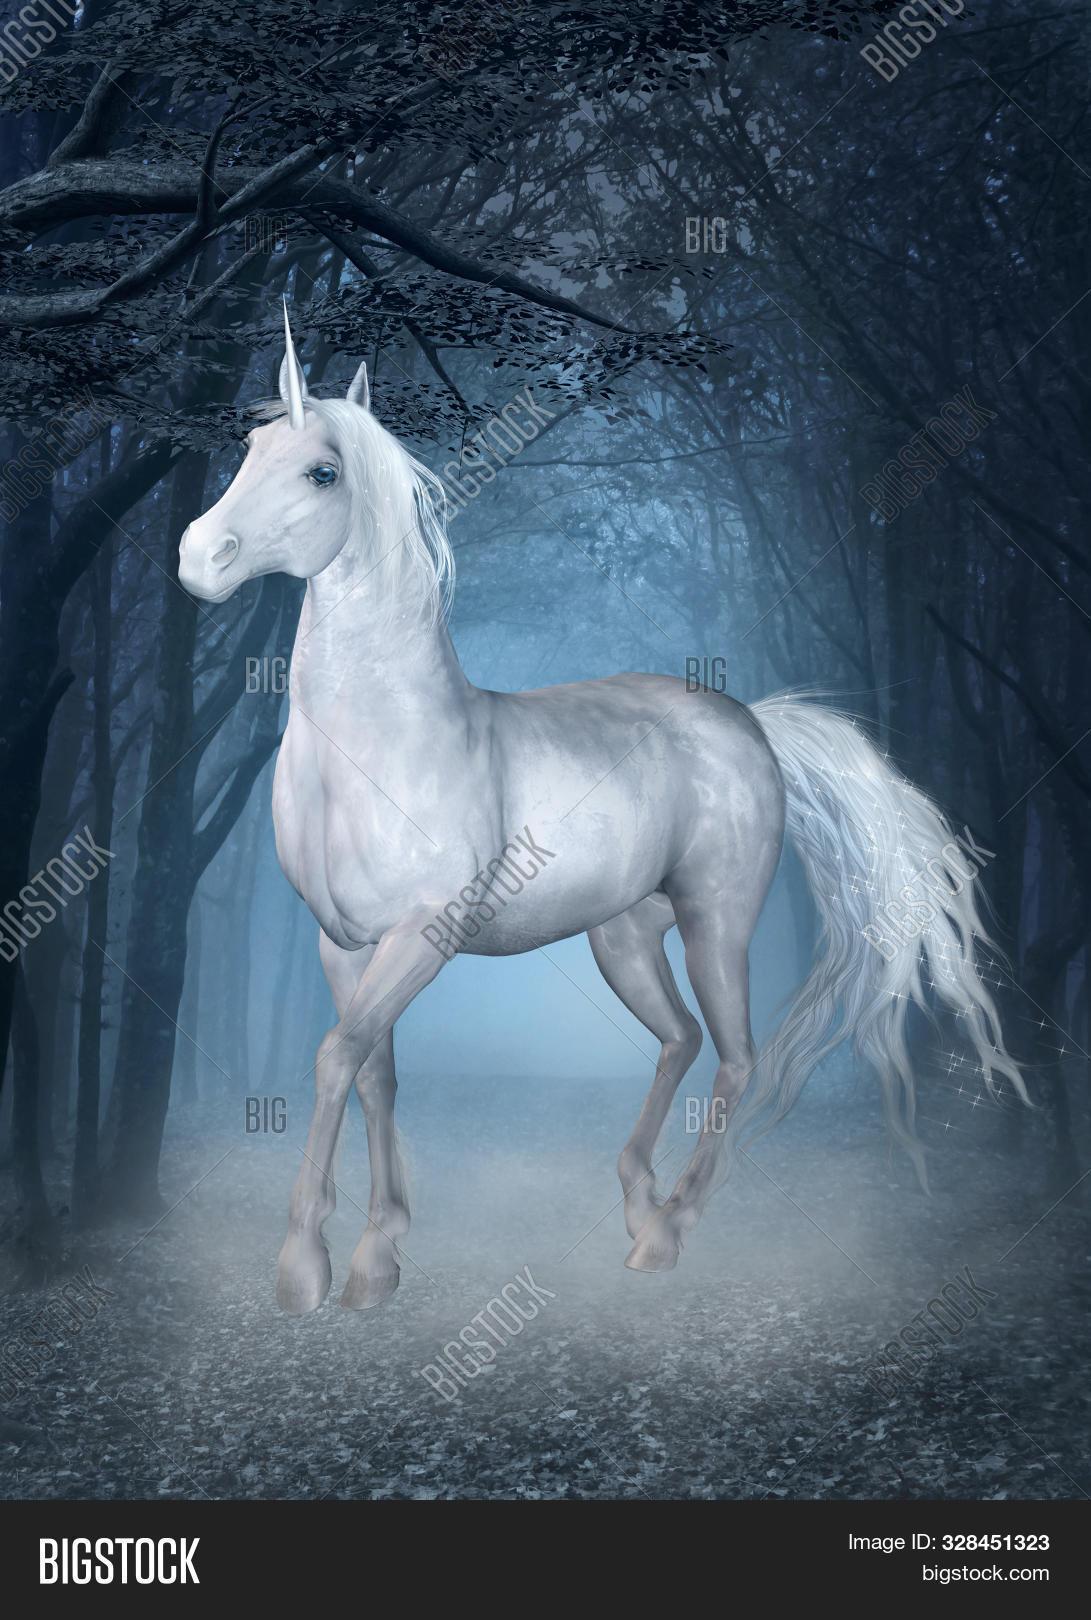 White Unicorn Running Image Photo Free Trial Bigstock